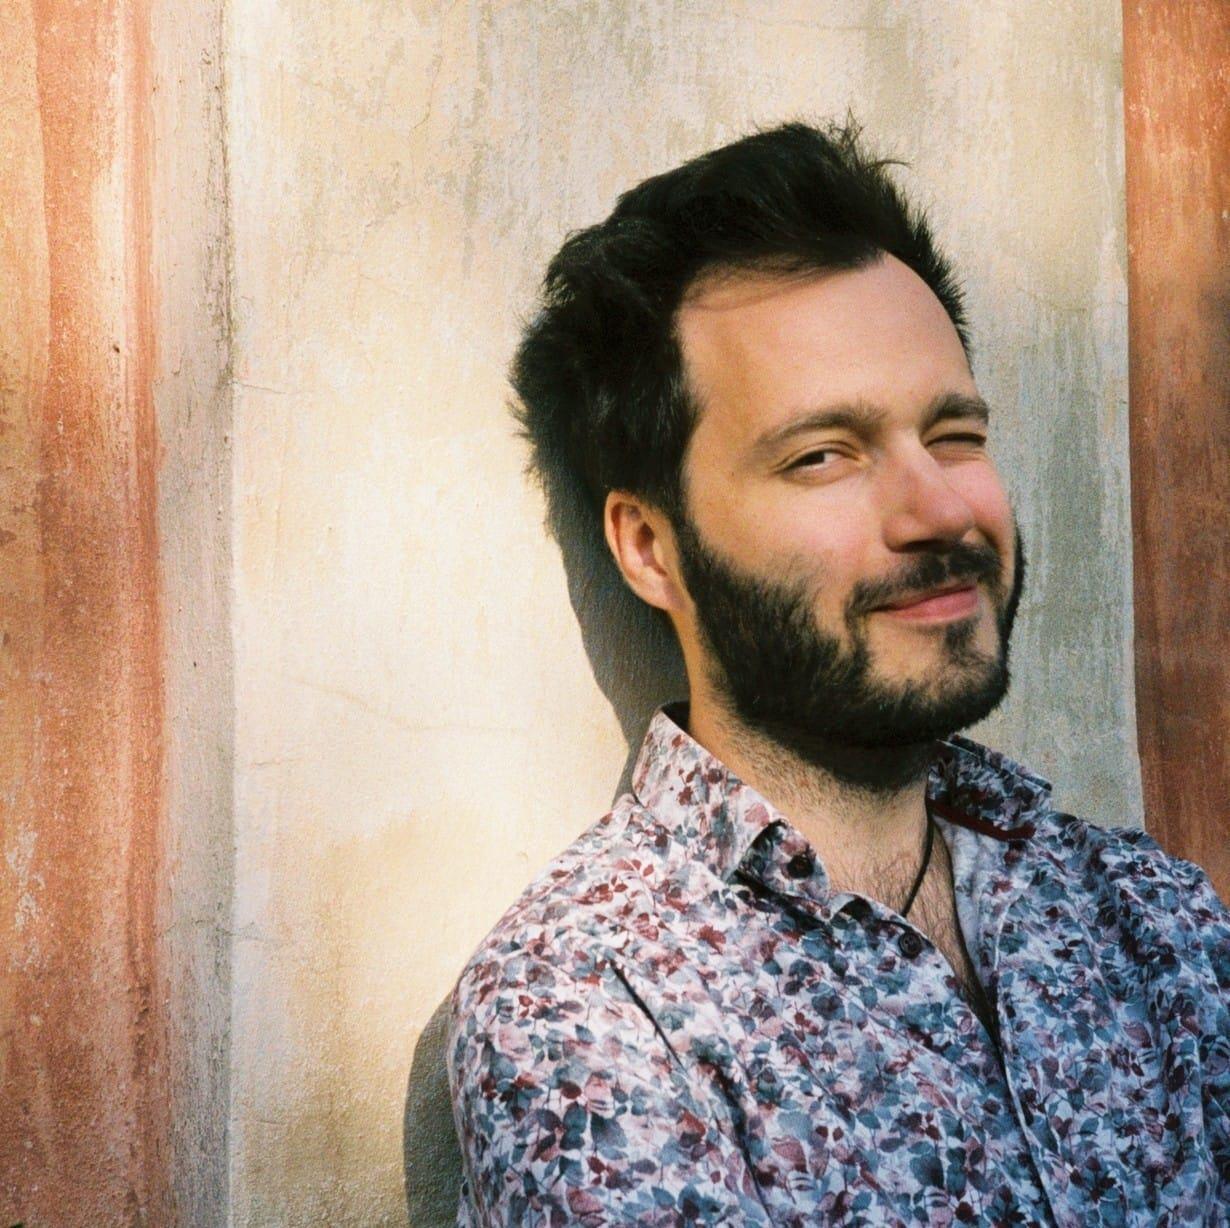 В копилке Антония Барышевского больше 20 наград самых престижных музыкальных фестивалей.